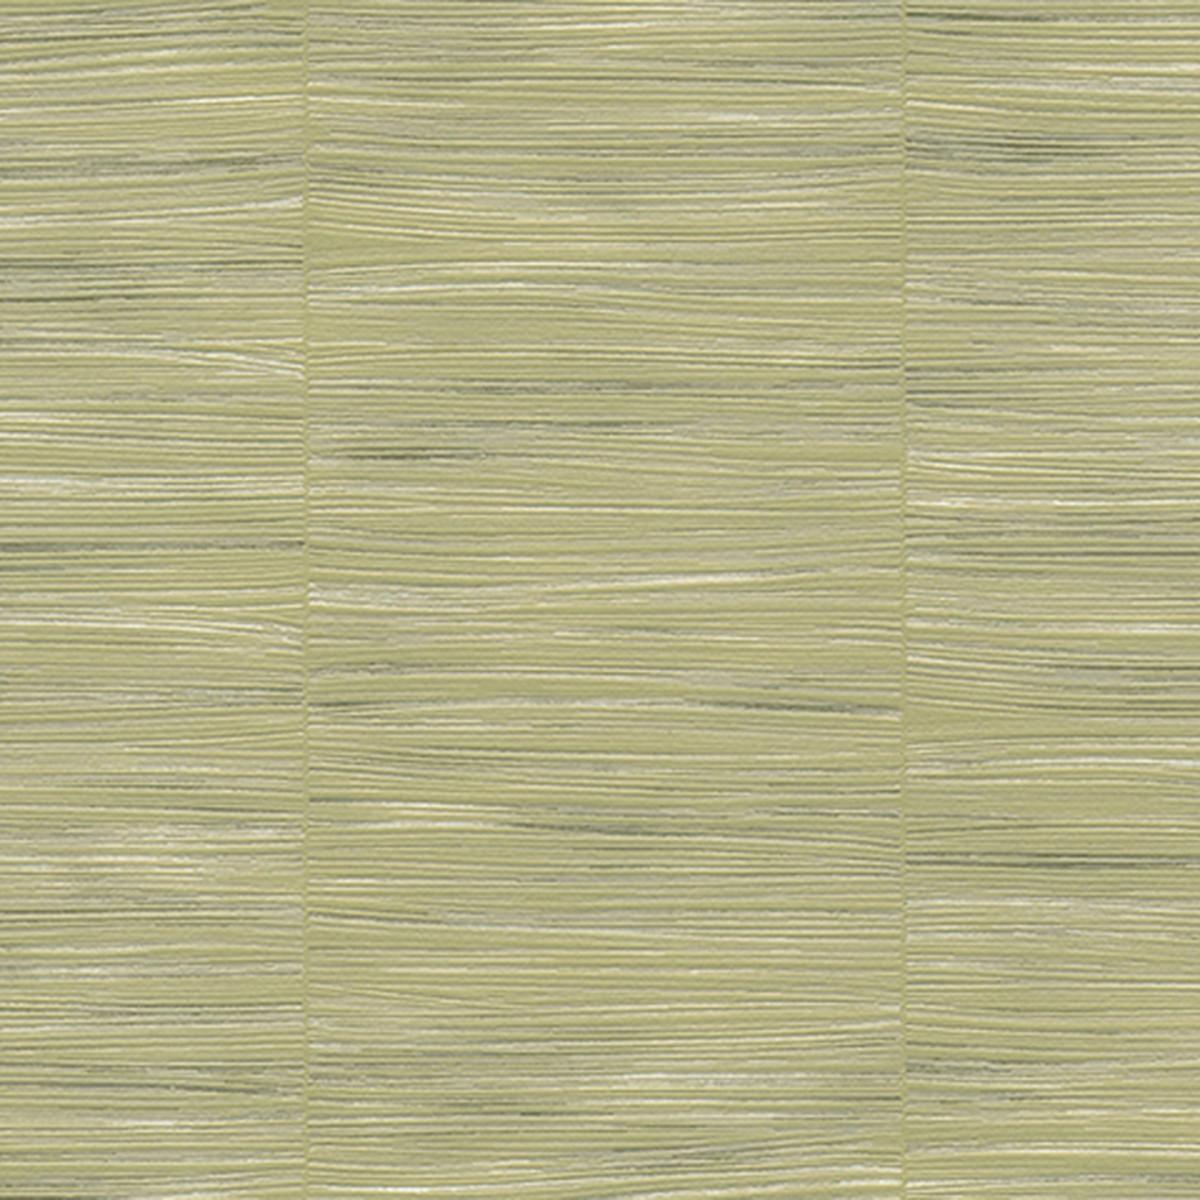 Обои виниловые С.Л.Г. зеленые 0.53 м 2-0974